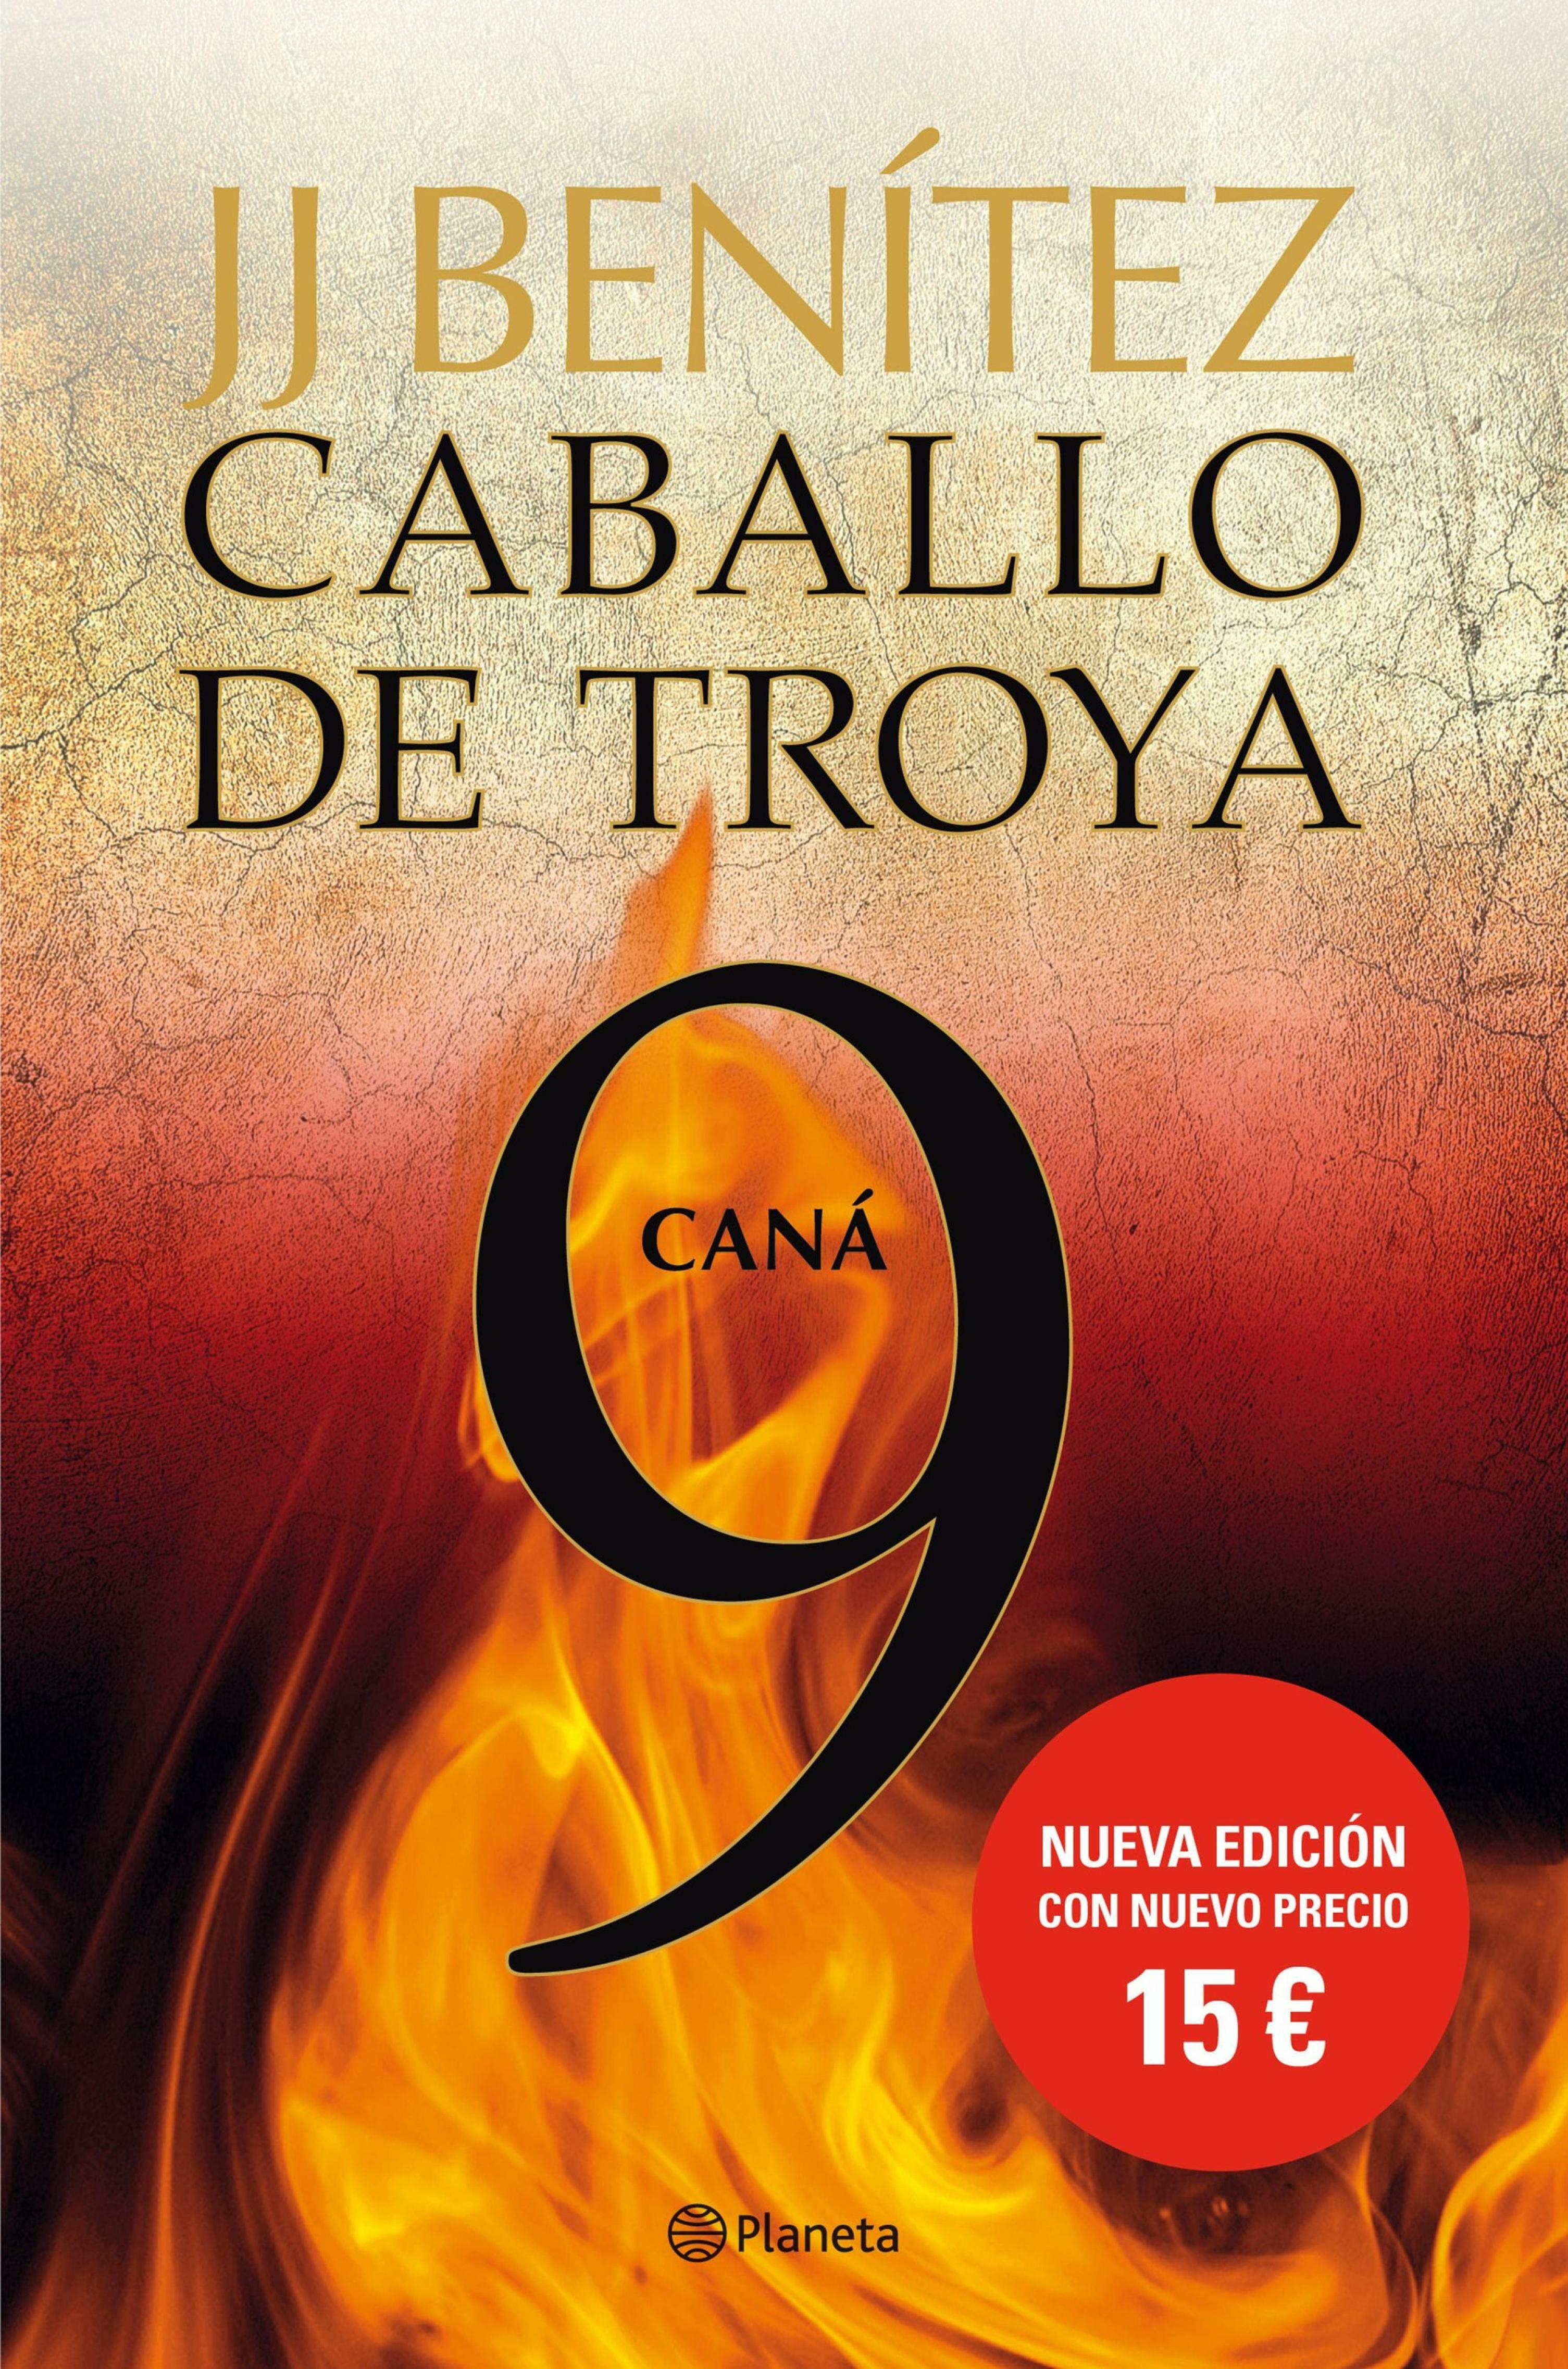 Libro caballo de troya 9   libro recoge guerra troya hd 1080p 4k foto.